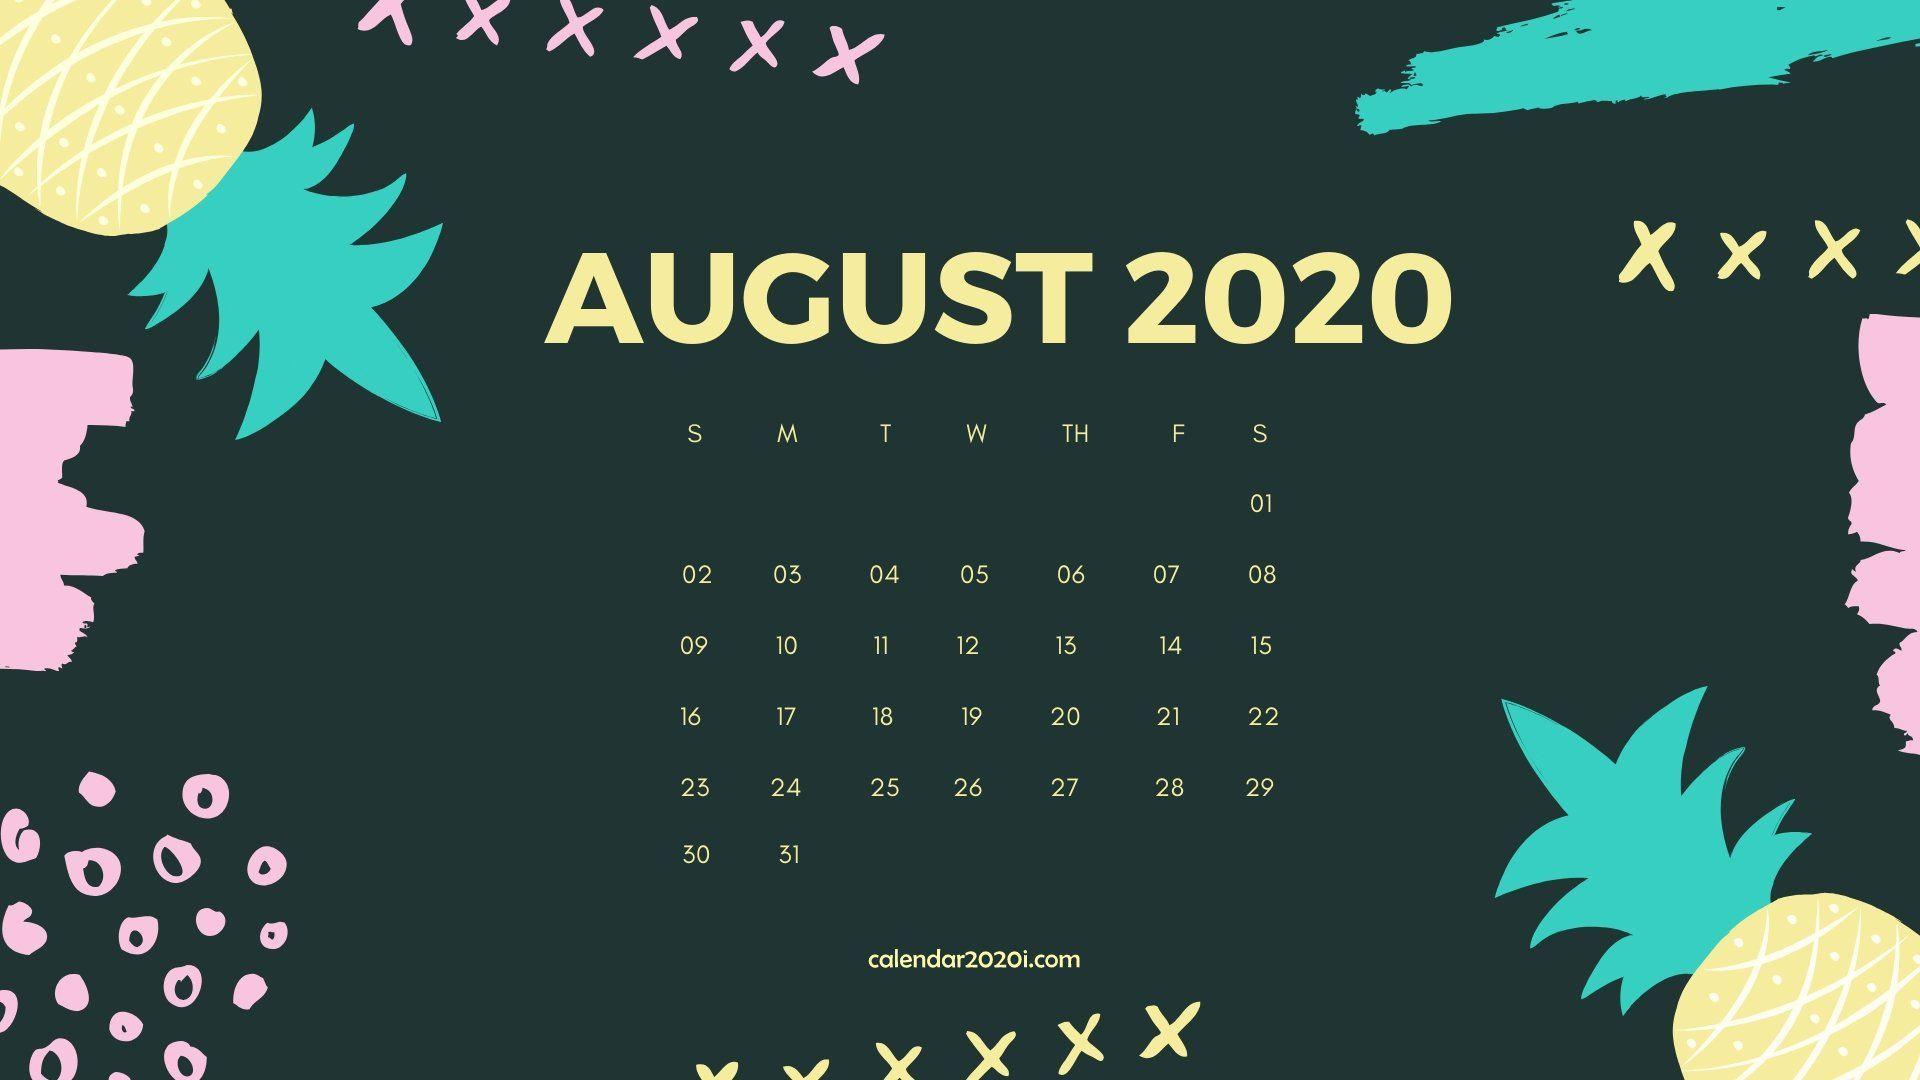 August 2020 Calendar Desktop Wallpaper in 2019 Calendar 1920x1080